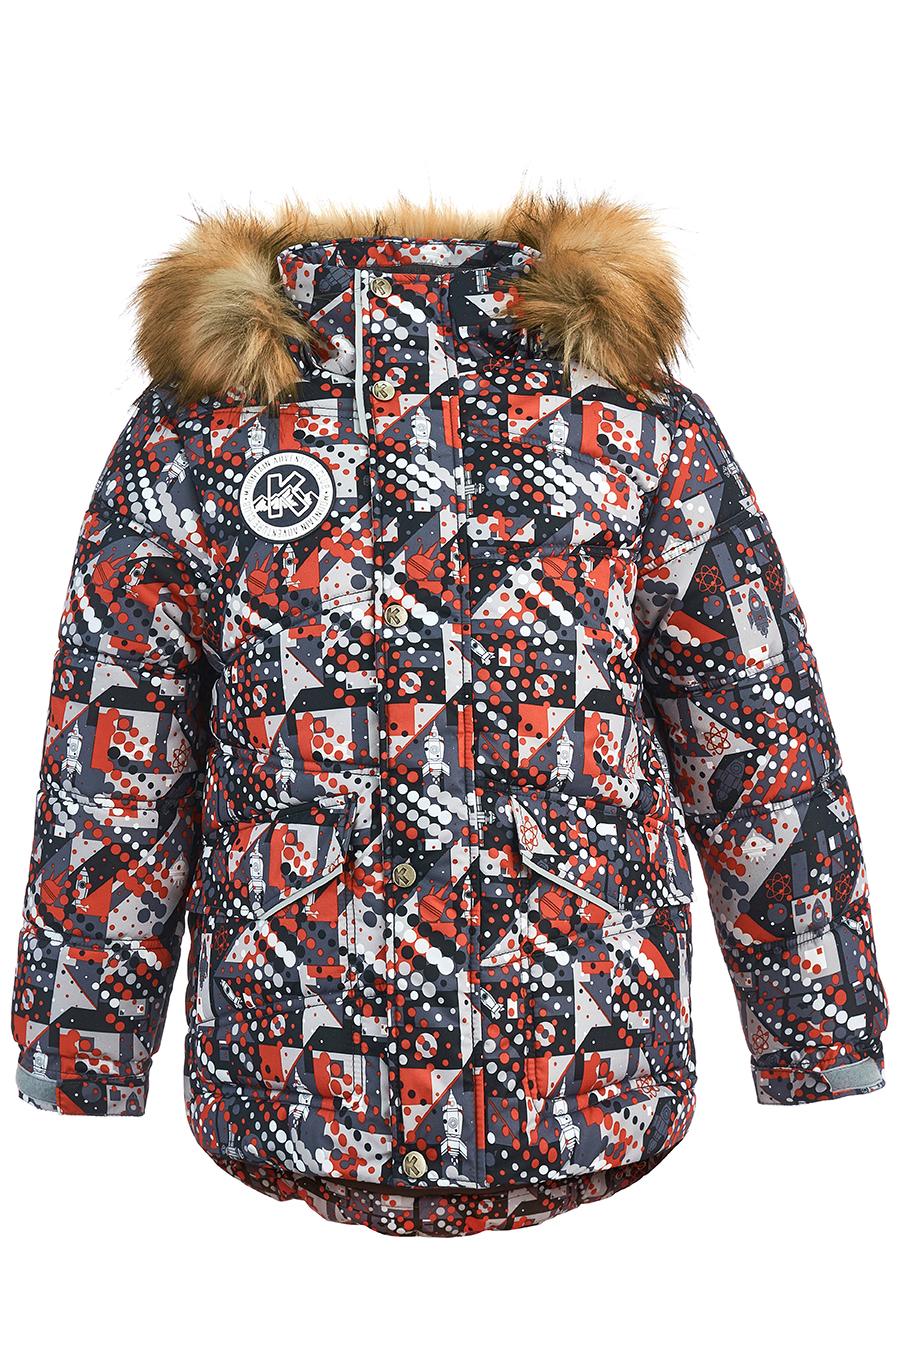 Купить со скидкой Куртка для мальчиков, отделка искусственный мех